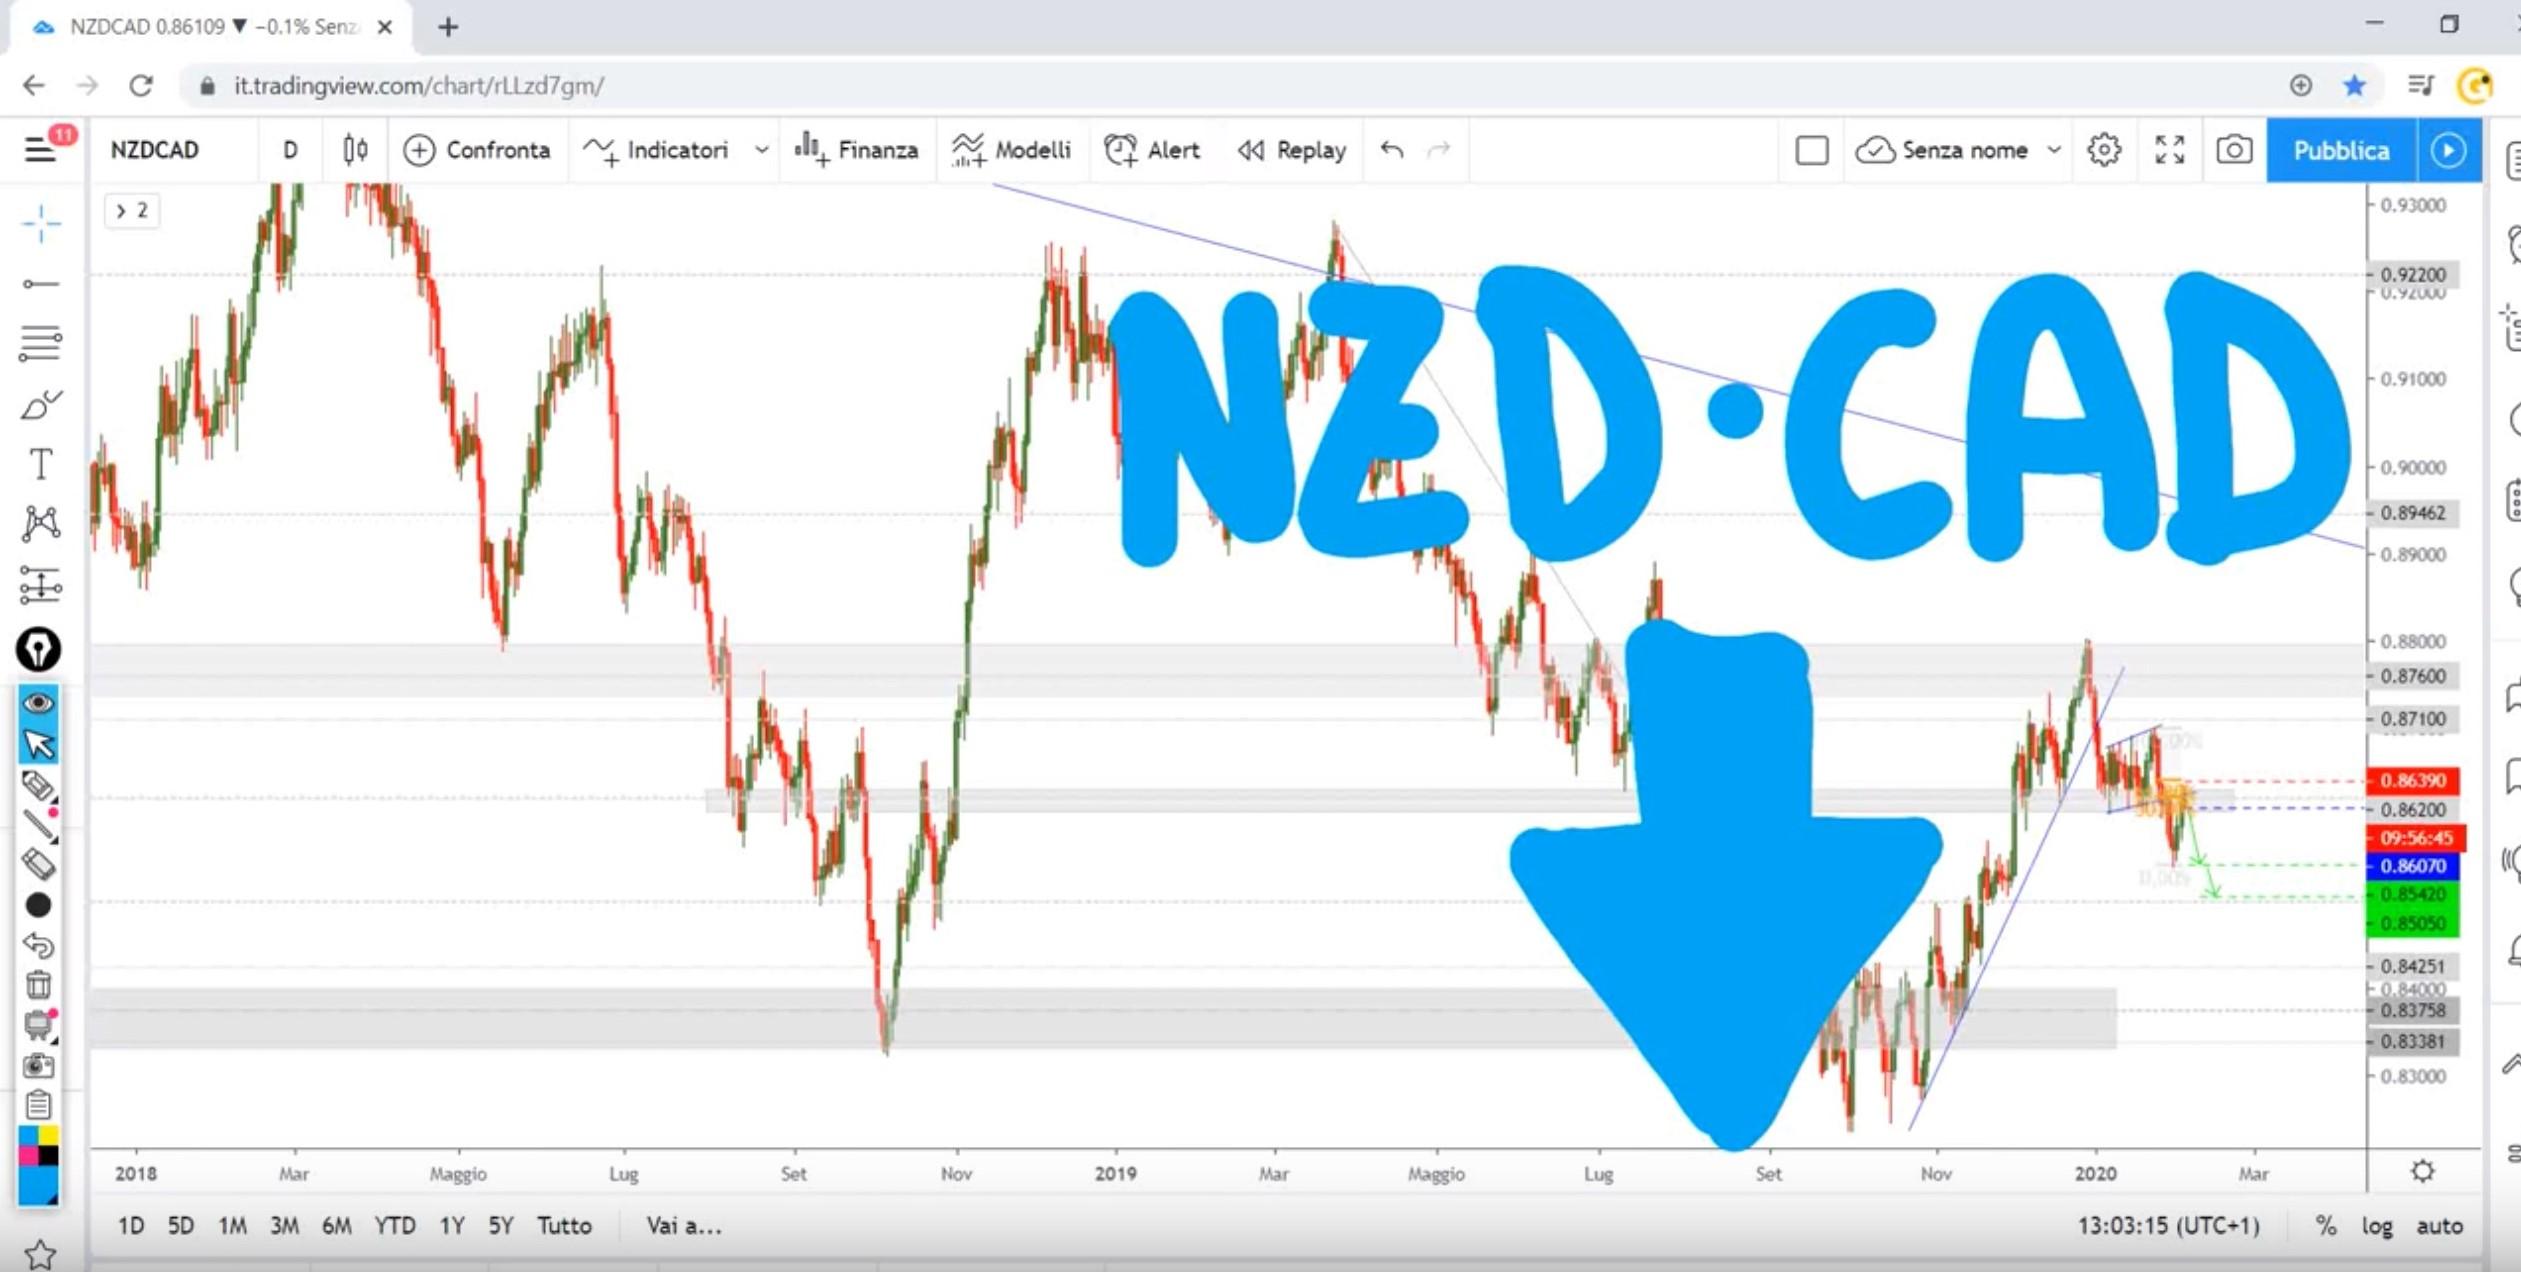 Analisi opportunità NZD-CAD del 05-02-2020